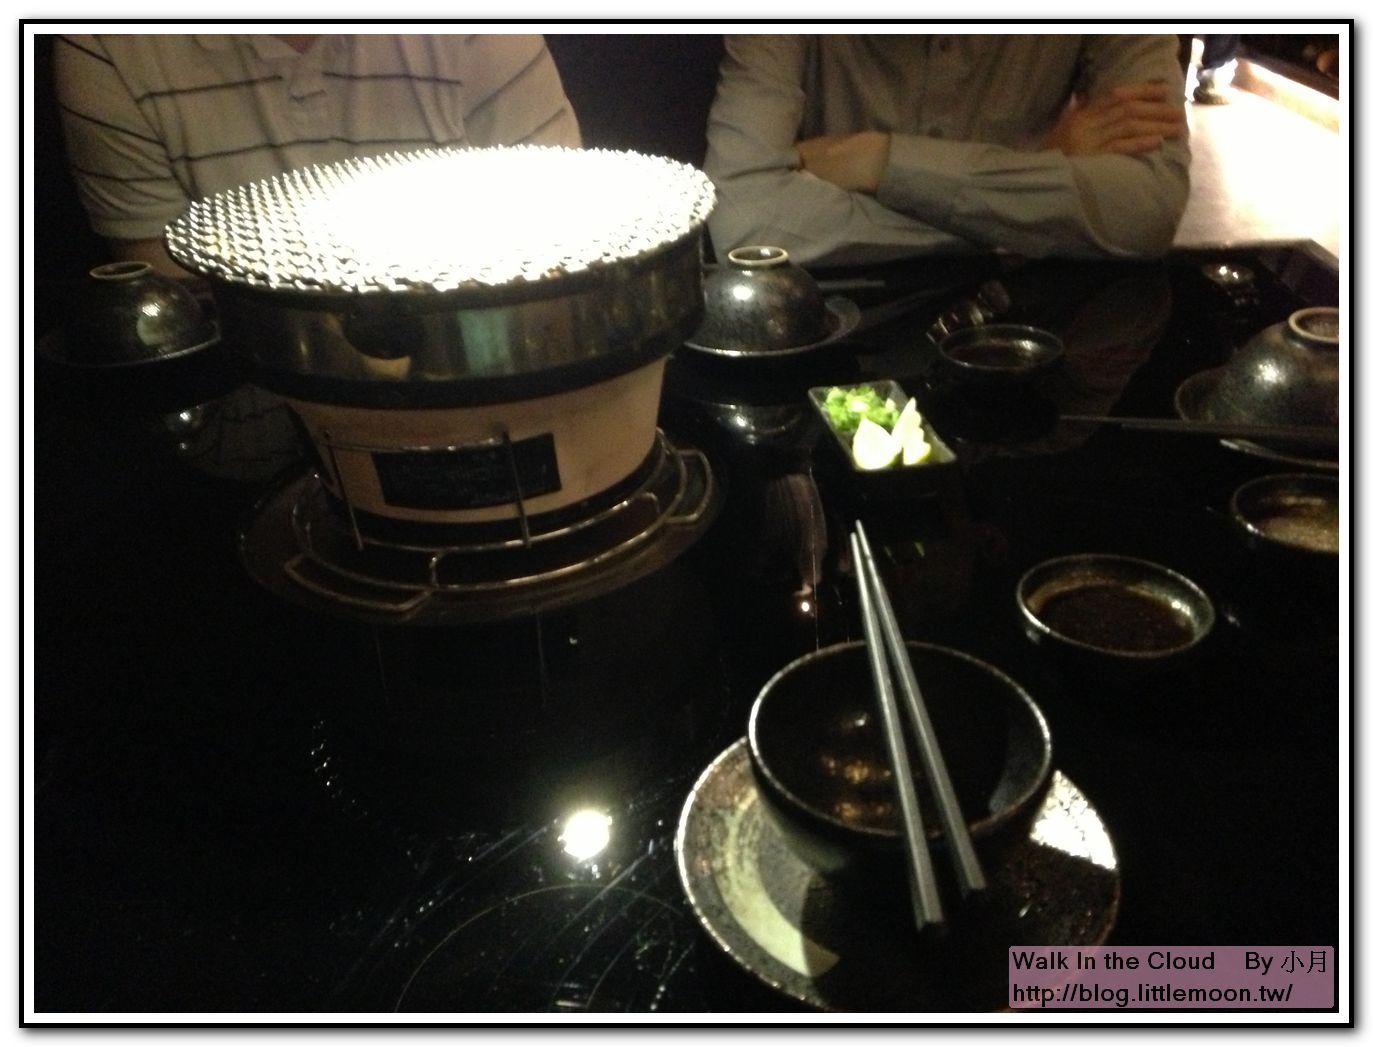 炭火與桌上餐具